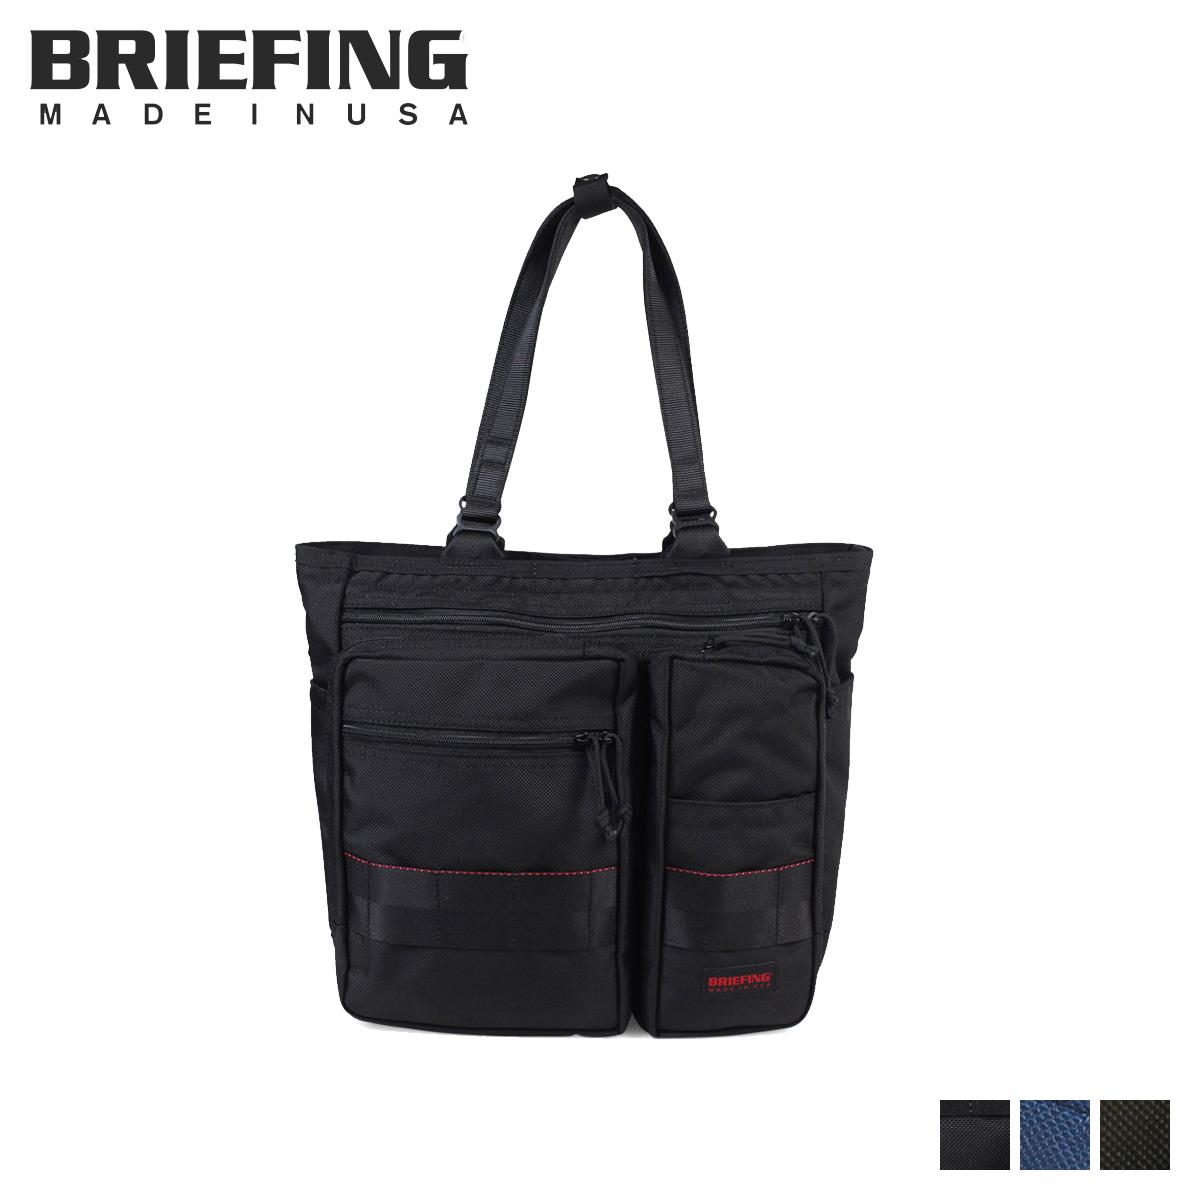 BRIEFING BS TOTE TALL ブリーフィング バッグ トートバッグ メンズ ブラック ネイビー オリーブ 黒 BRF300219